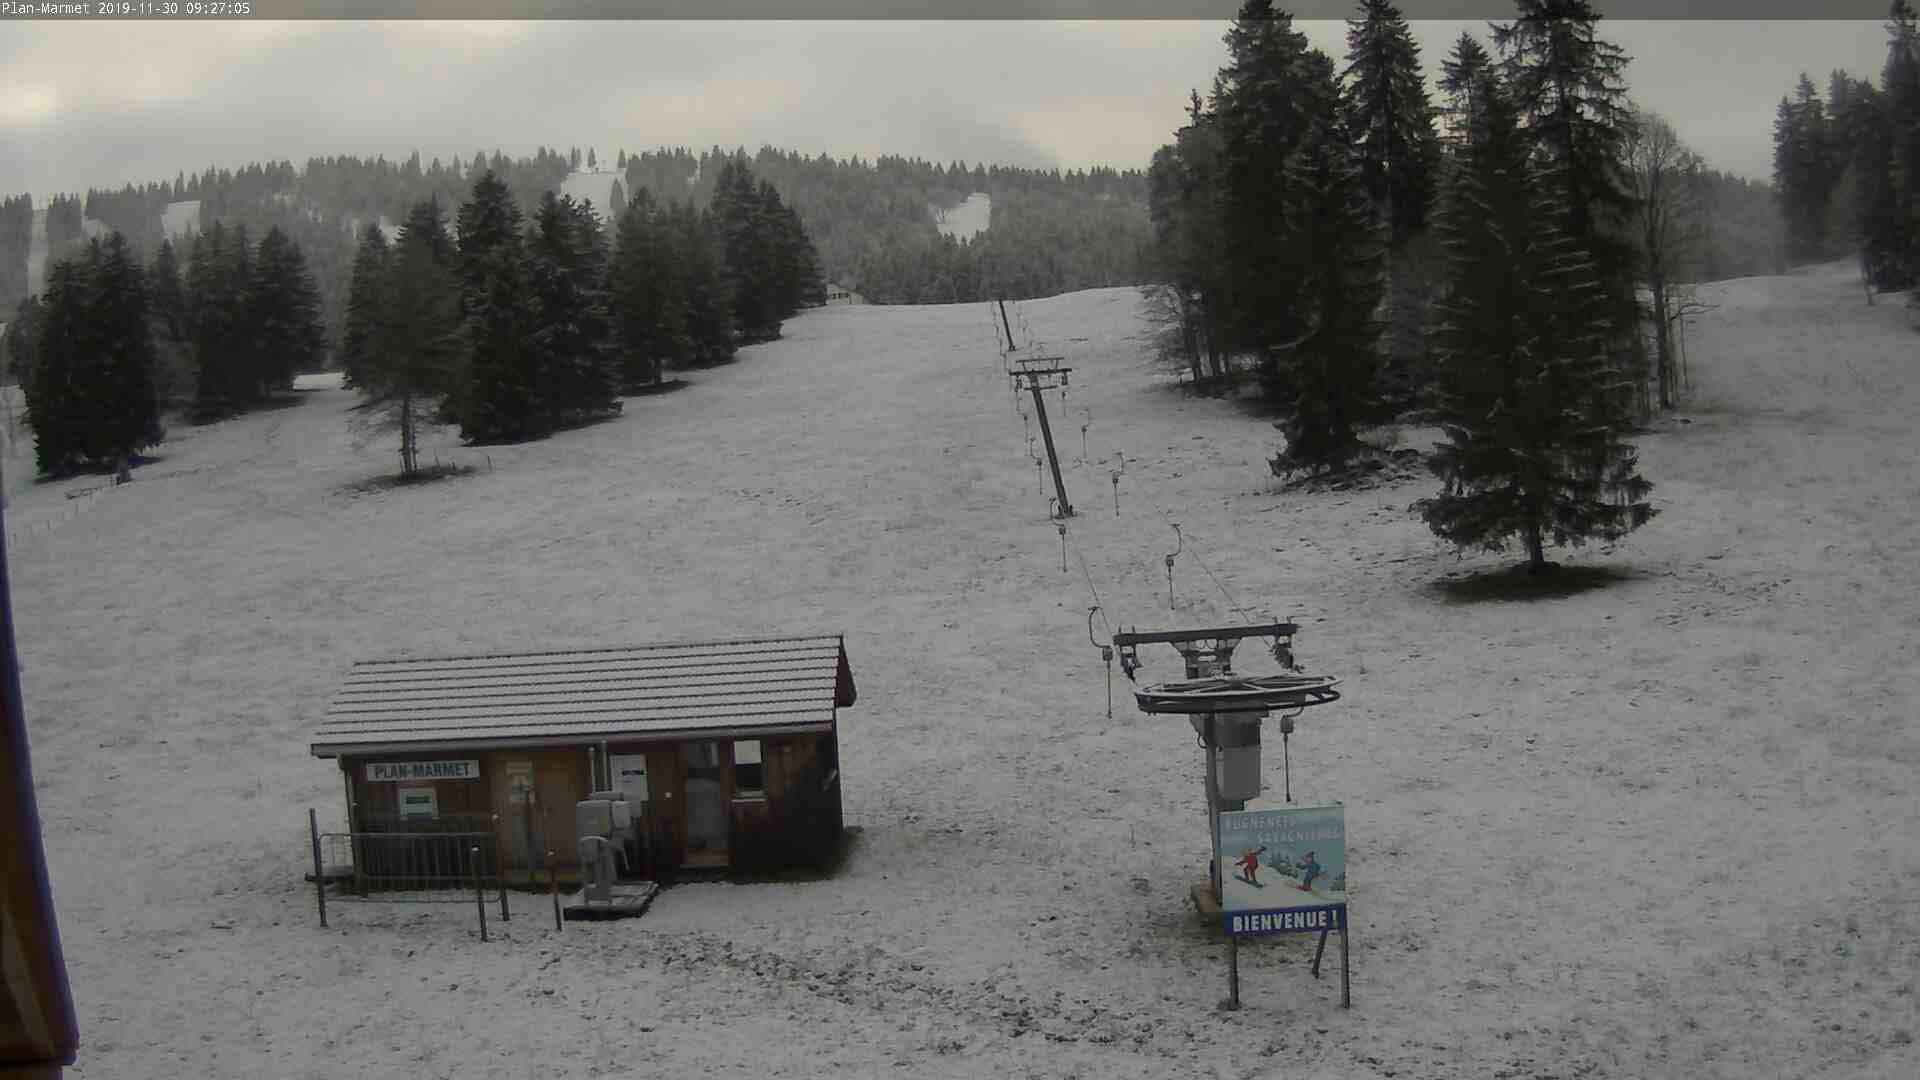 Les Bugnenets après les chutes de neige (30.11.2019)